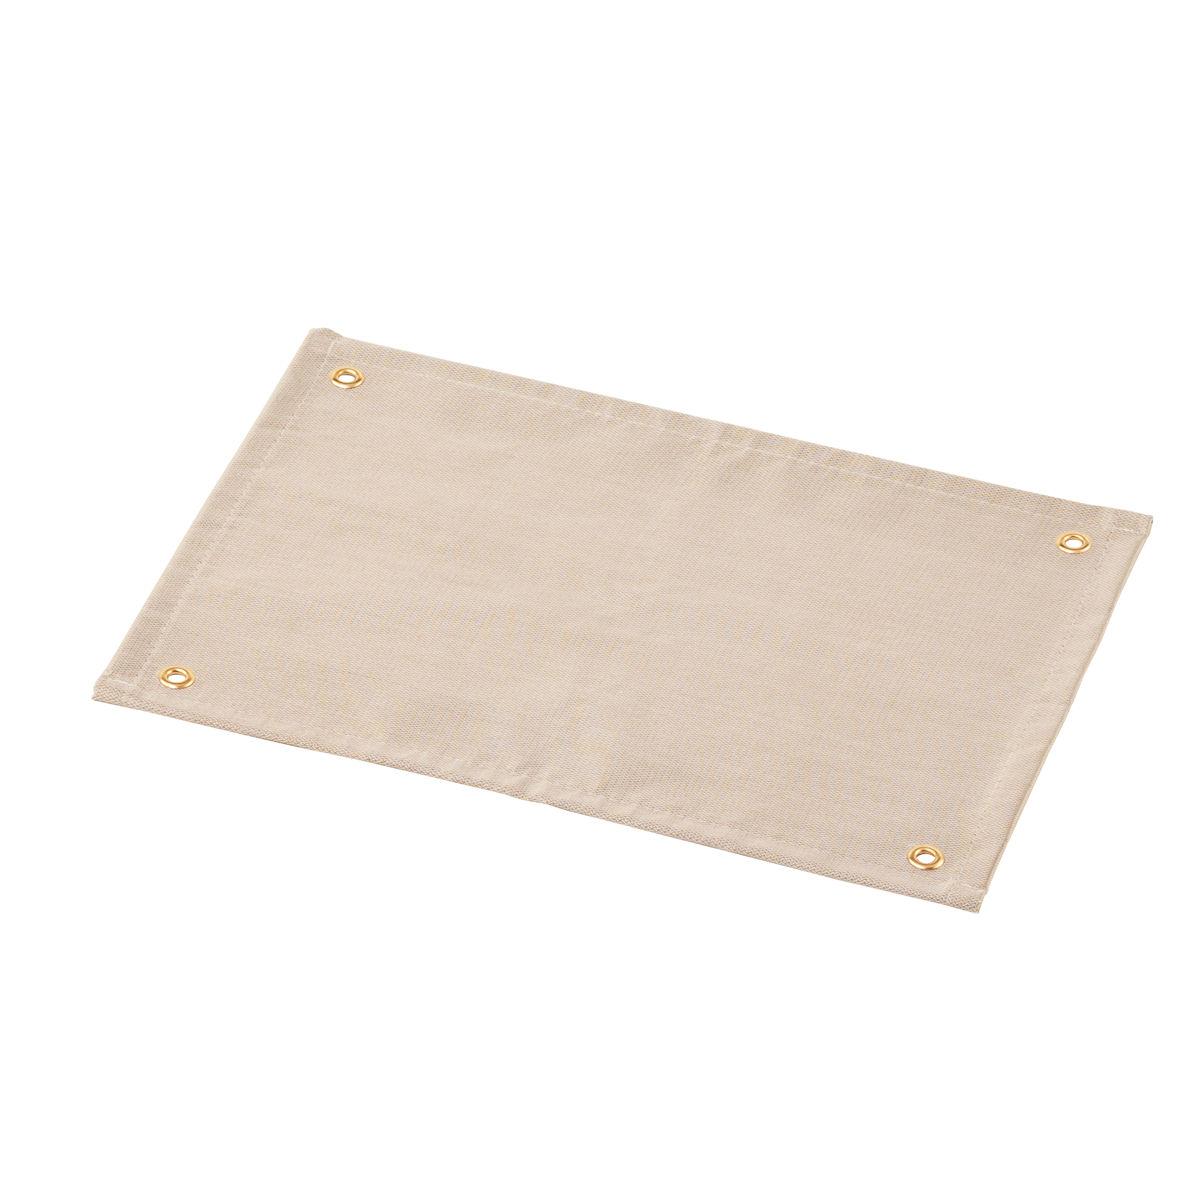 ミニグリル耐火・断熱シート(35×50cm)